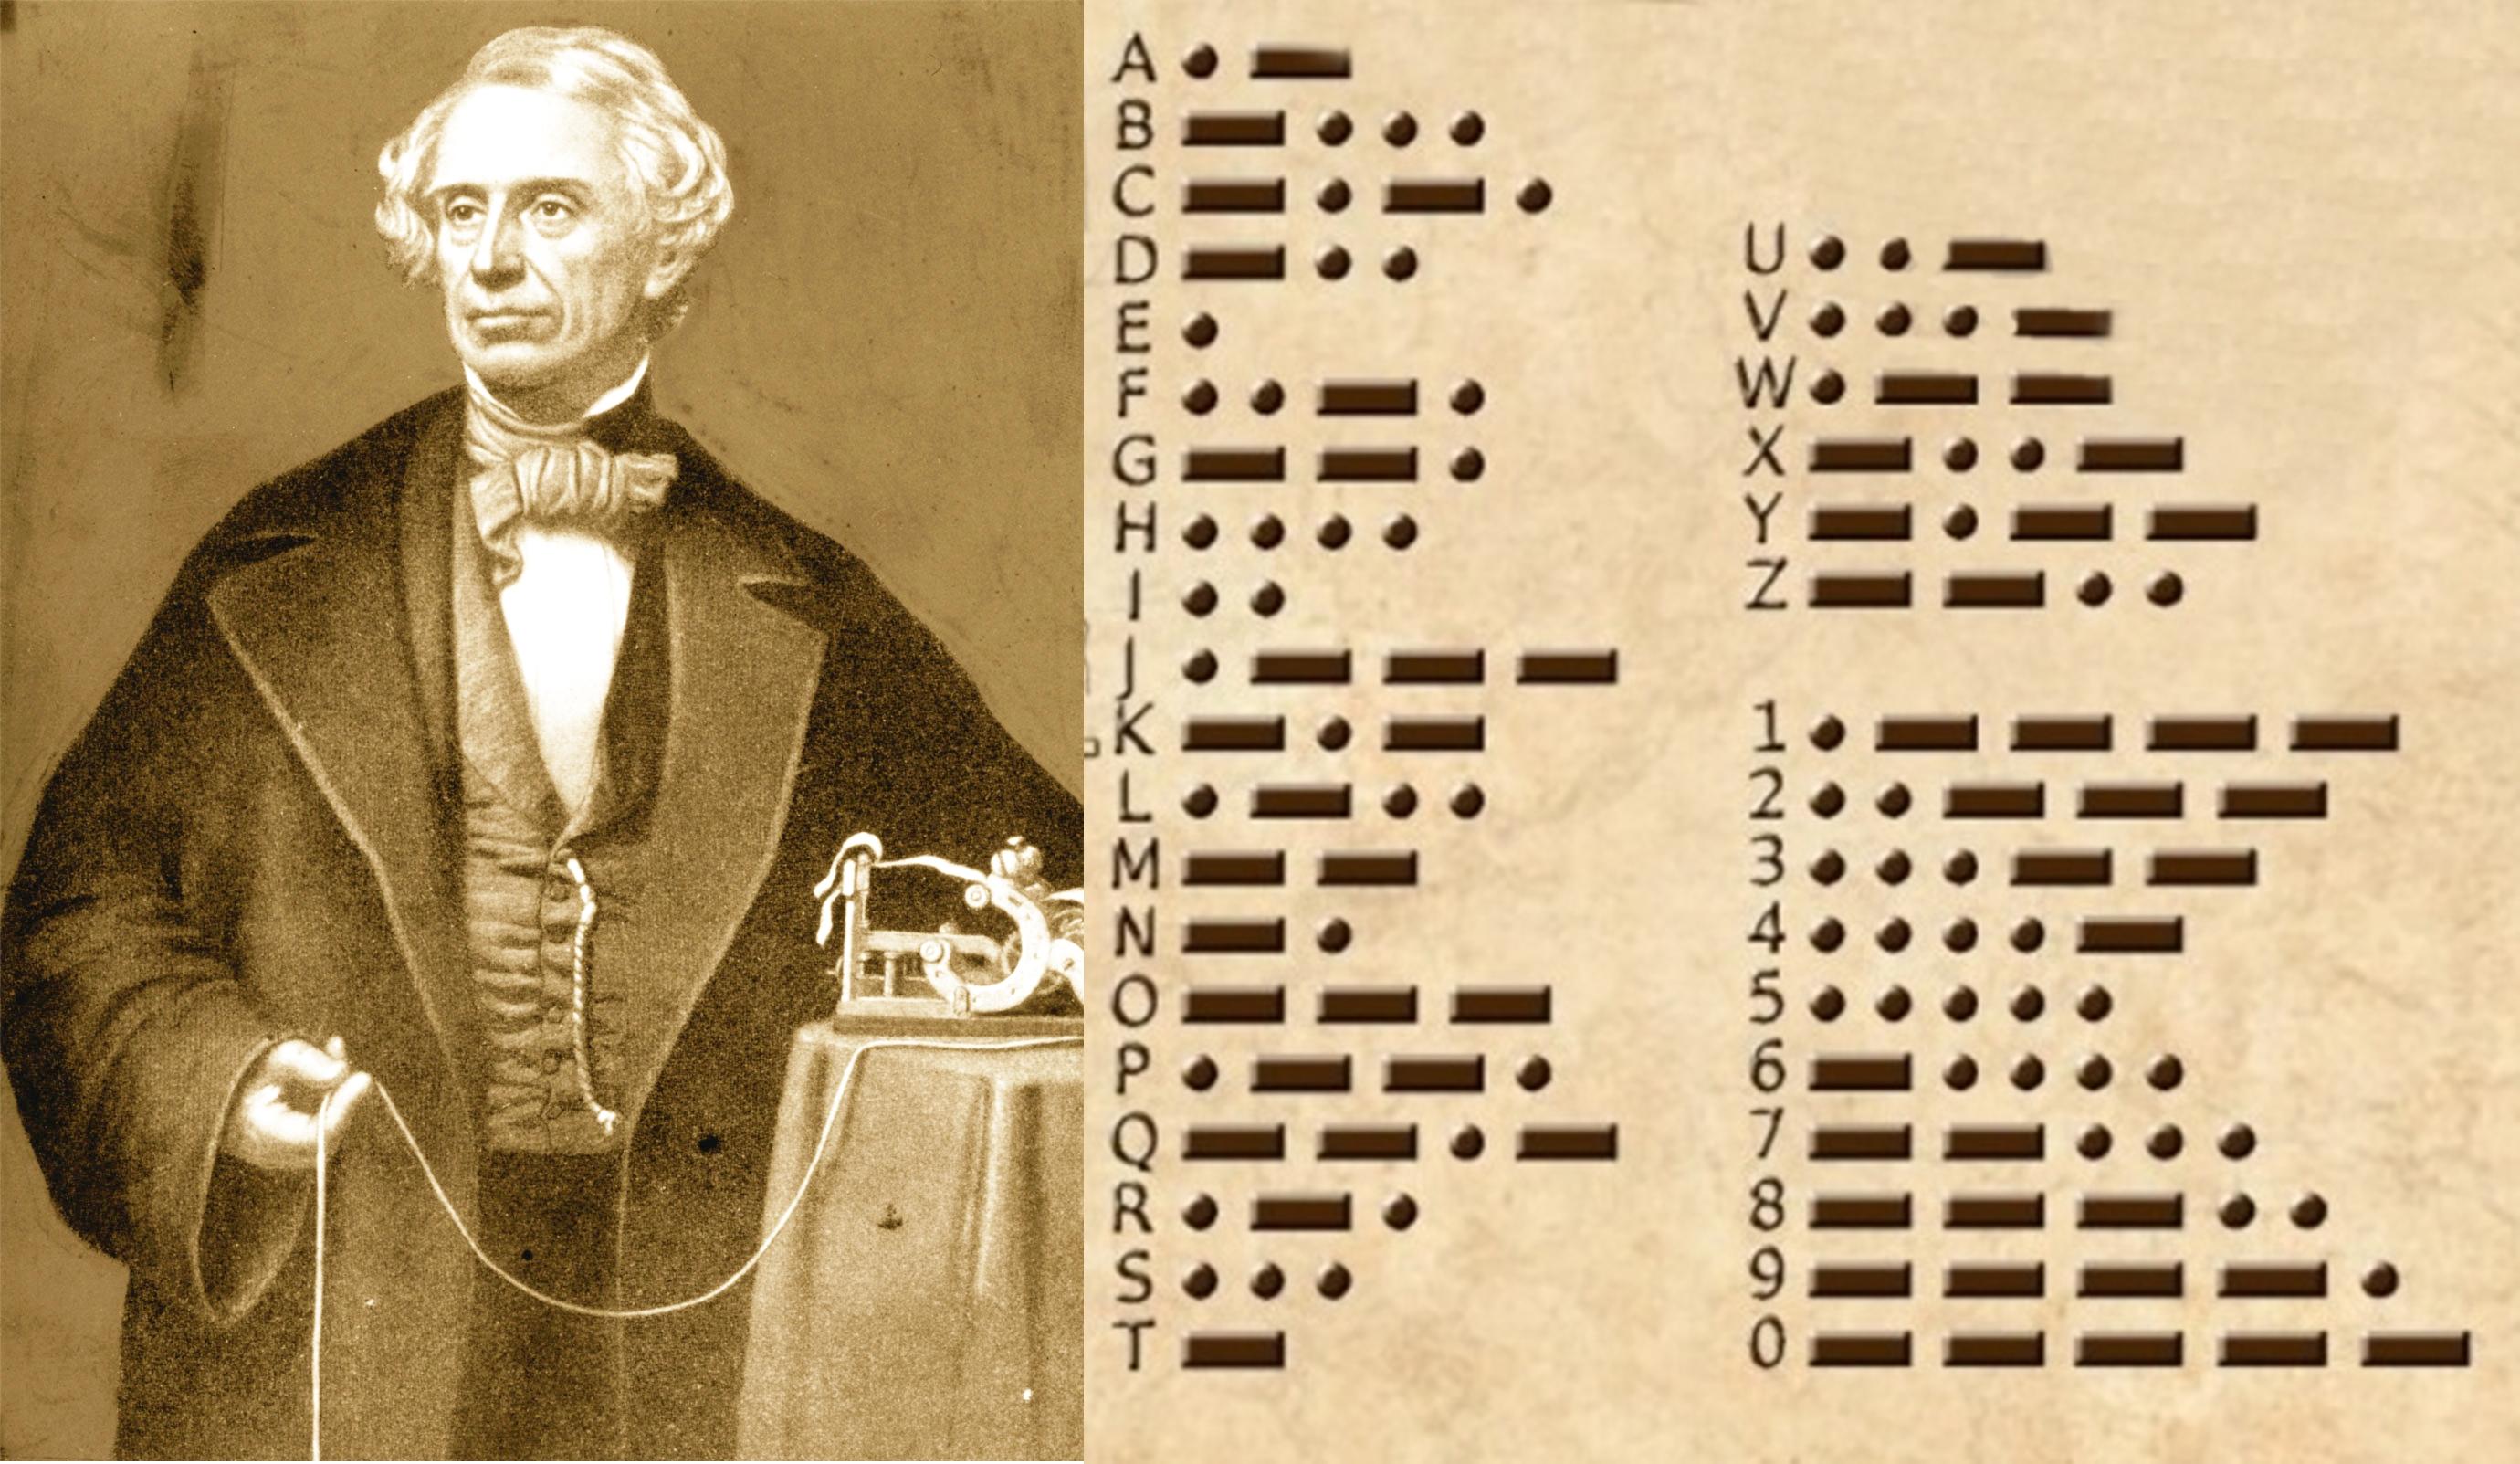 Breese Morse và bảng mã Morse do ông phát triển. Ảnh: History.